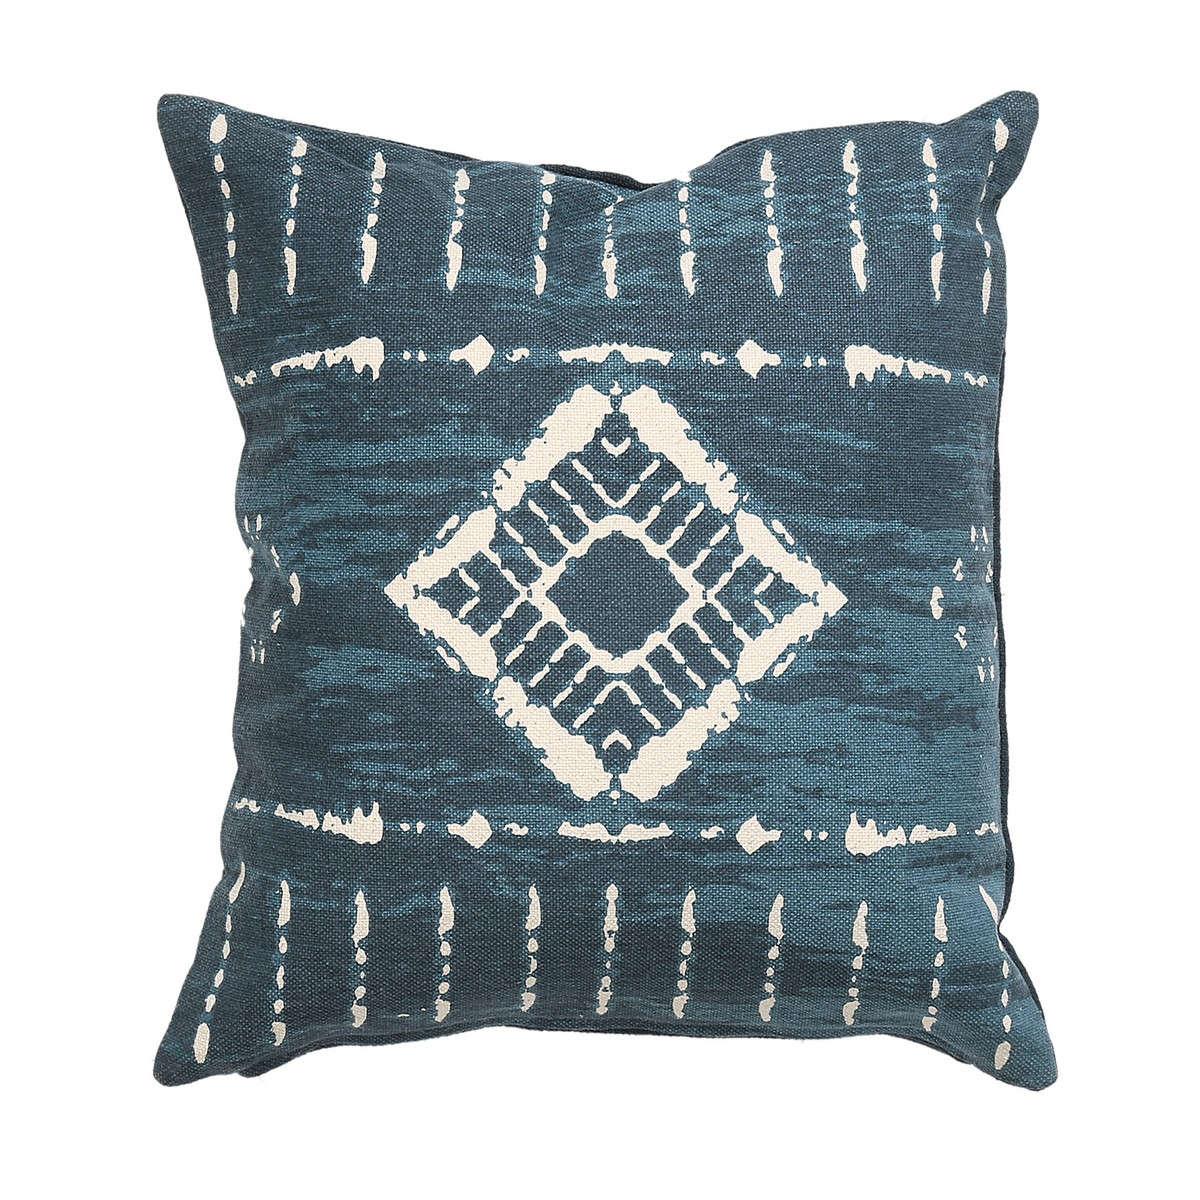 Μαξιλάρι Διακοσμητικό (Με Γέμιση) Racal Dark Blue Nef-Nef 60X60 100% Βαμβάκι